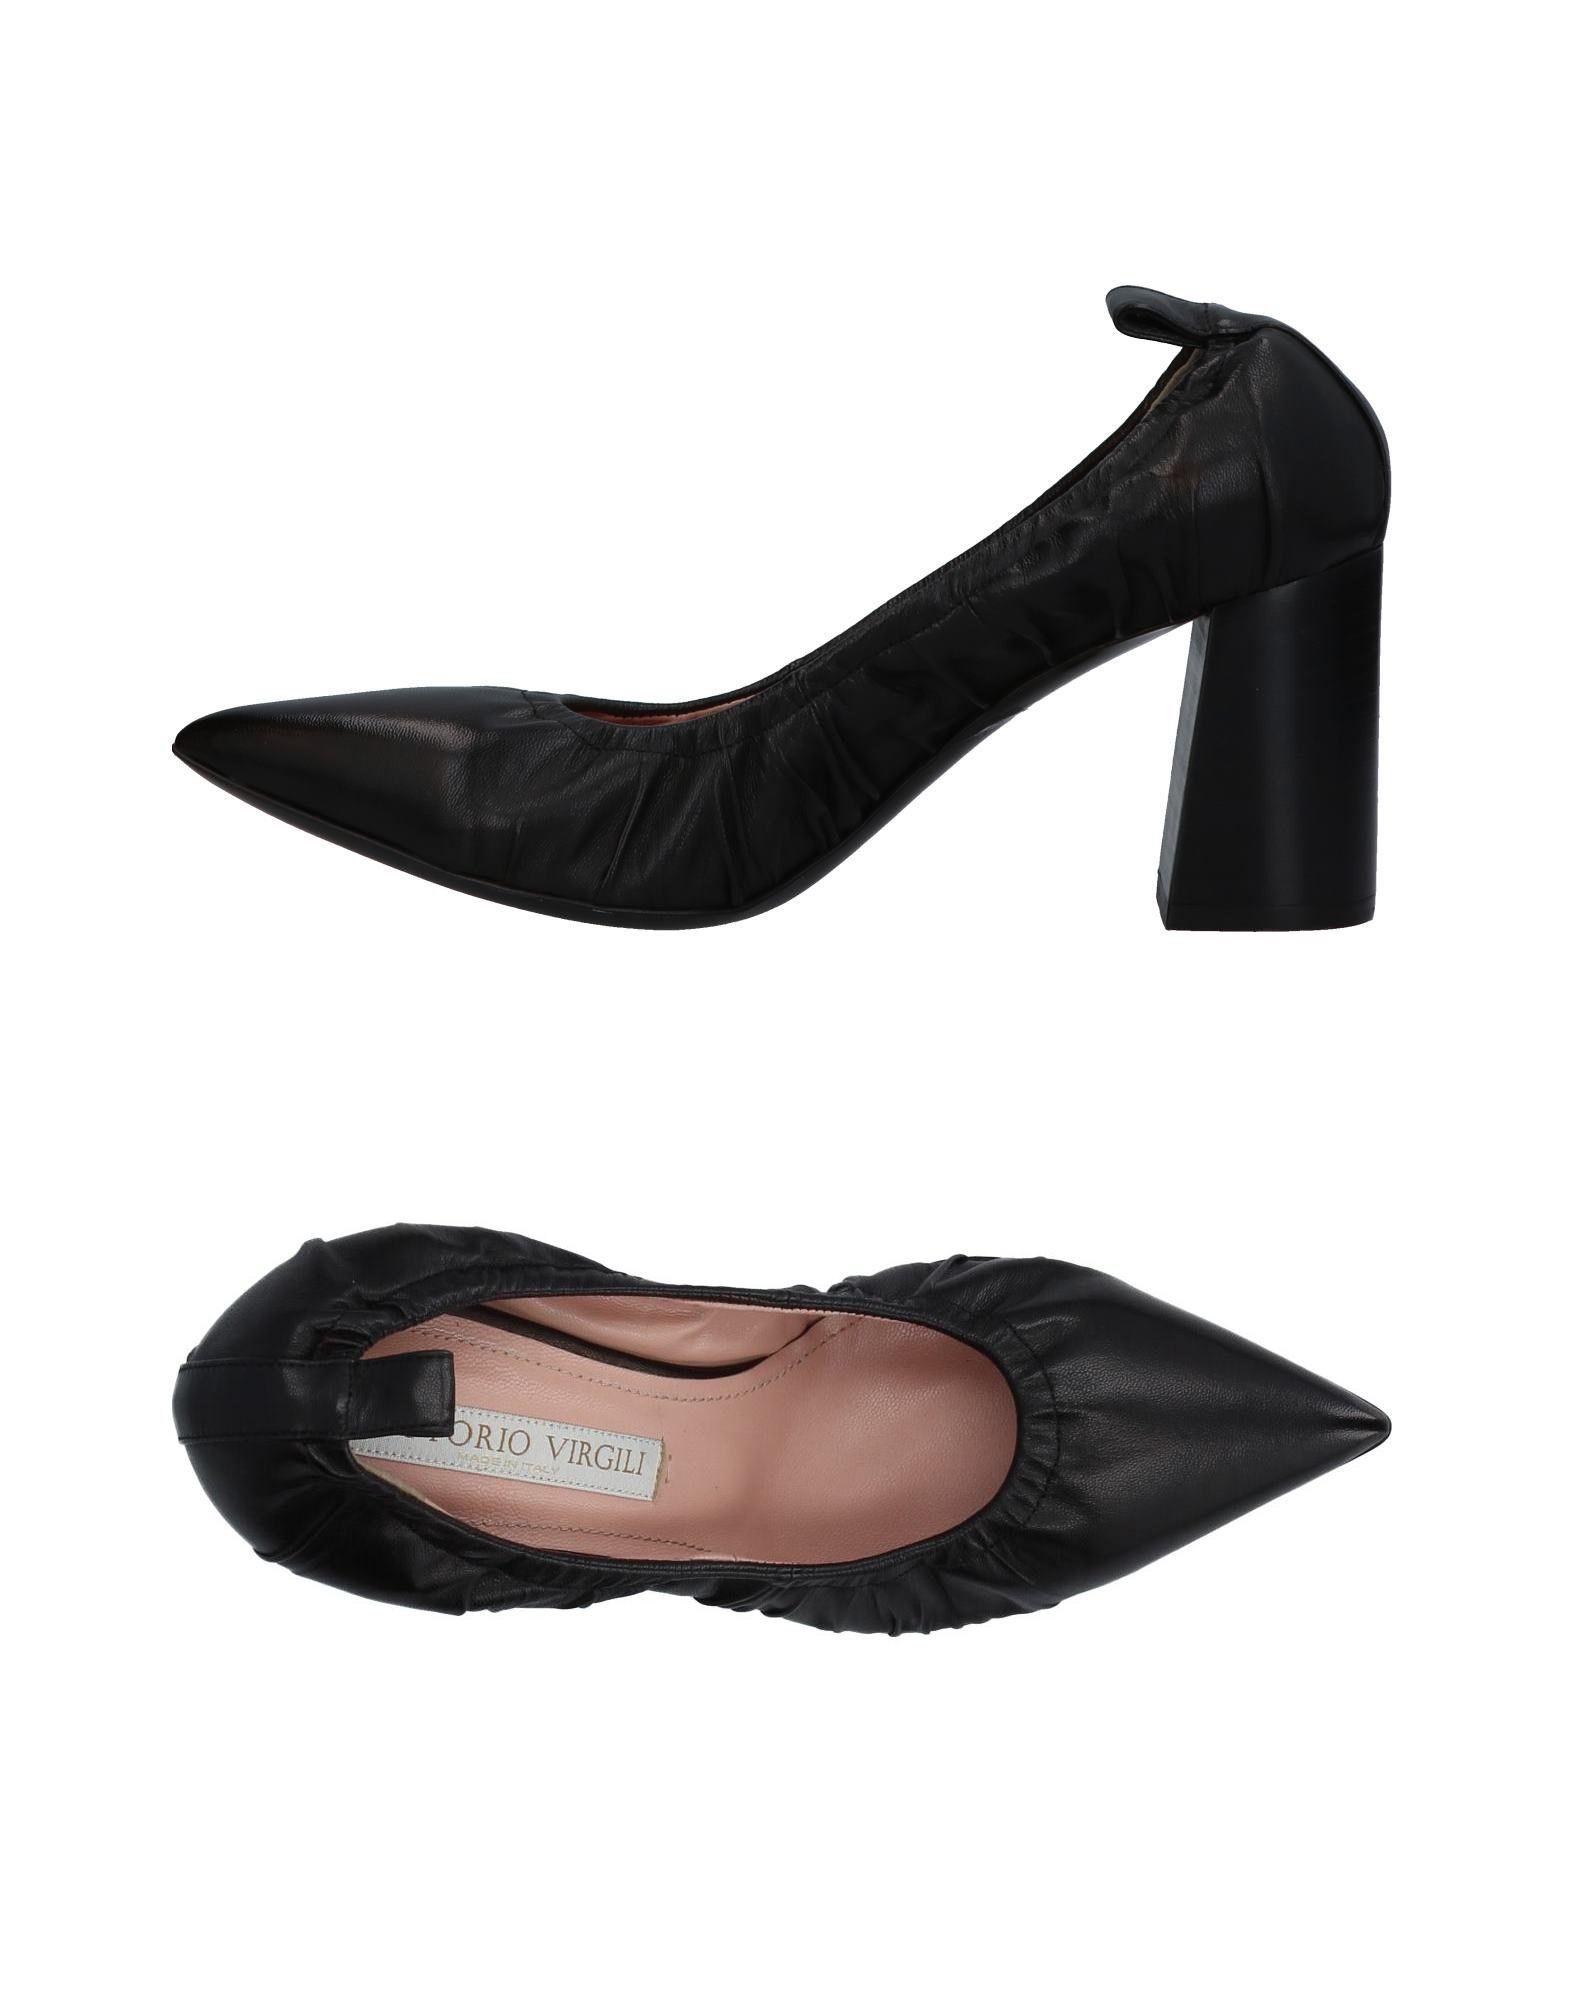 Vittorio Virgili Pumps Damen  11406415BC Gute Qualität beliebte Schuhe